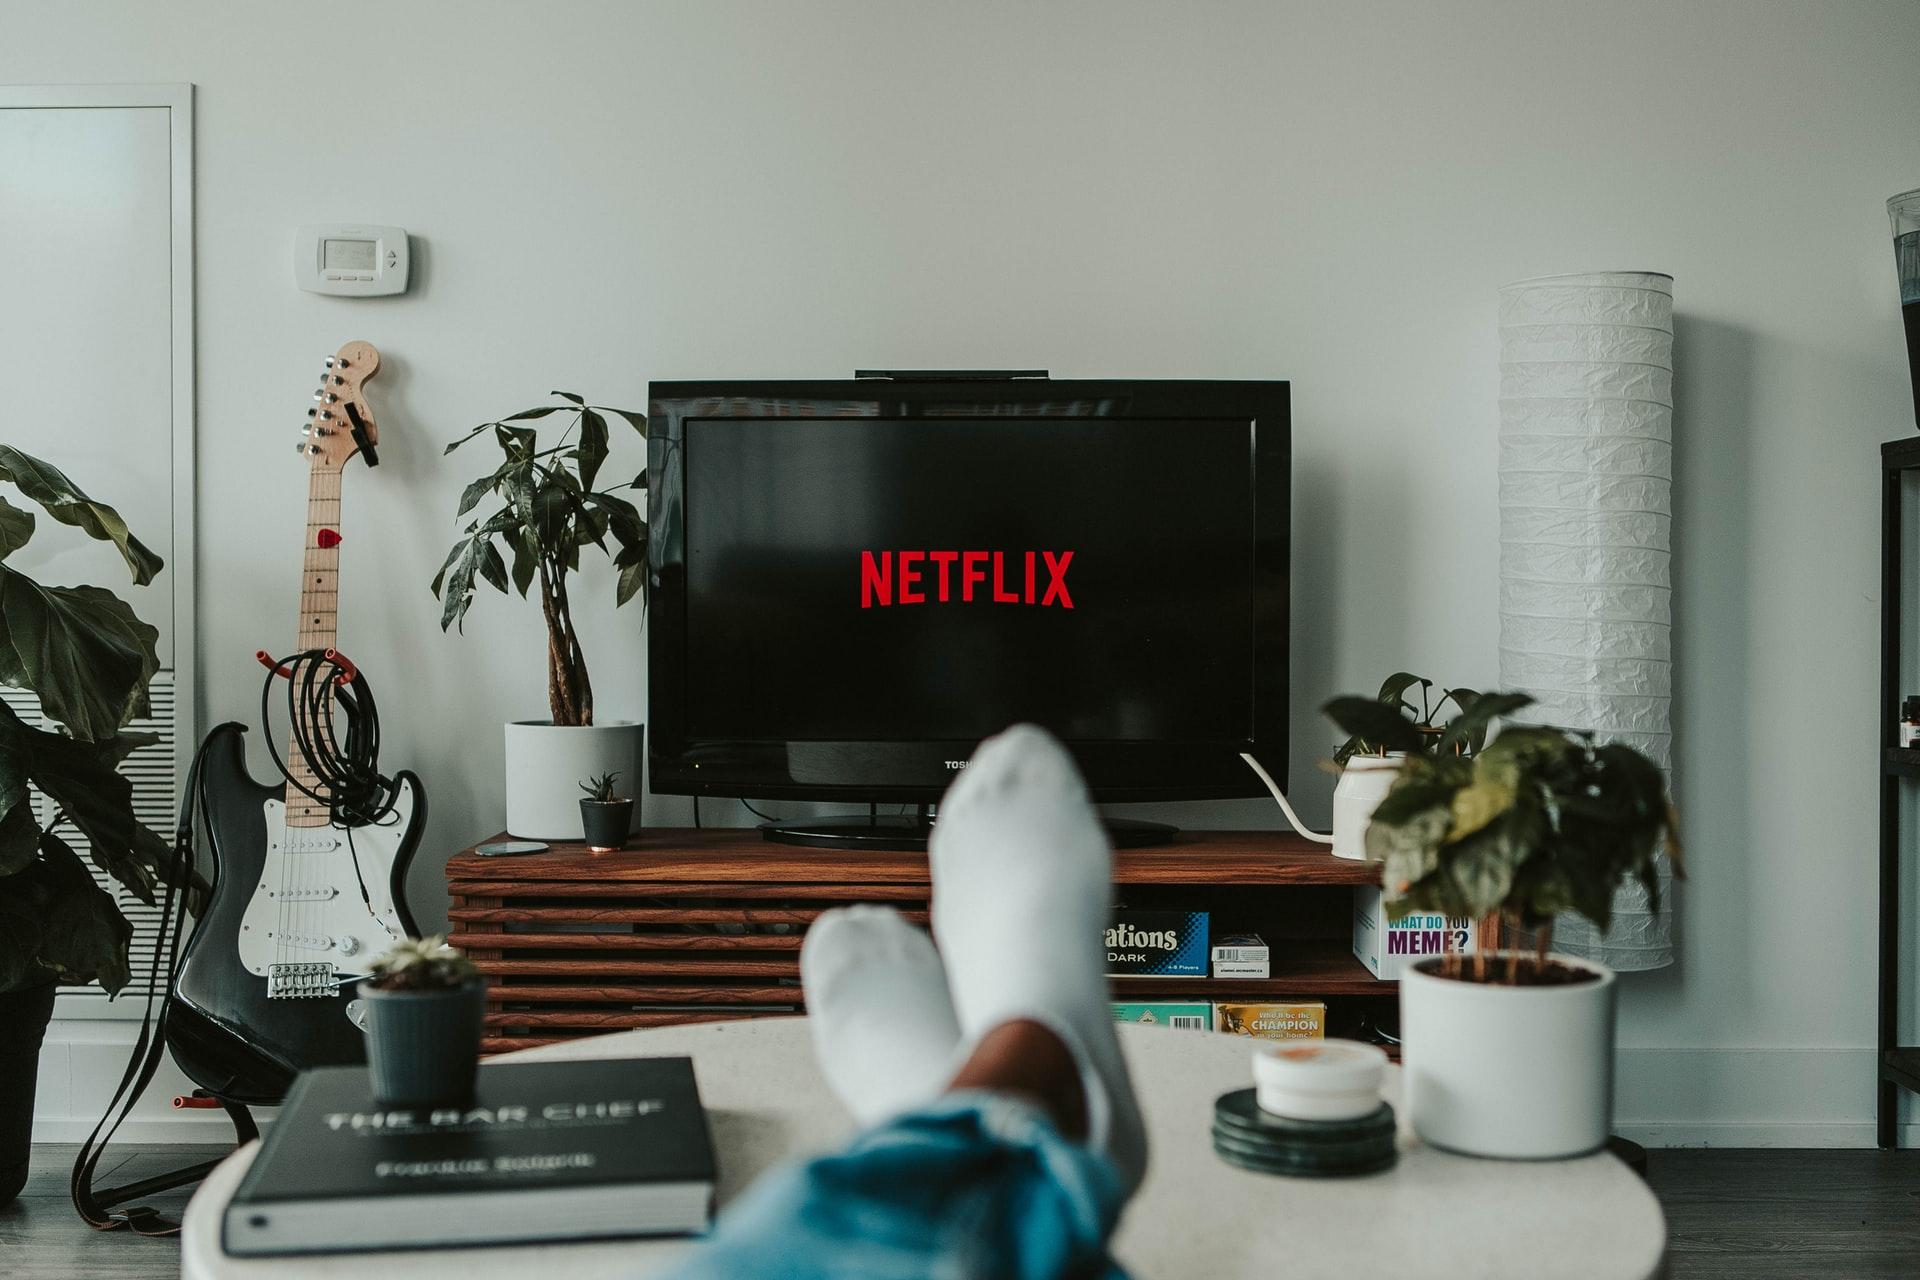 Un écran de téléviseur avec le logo Netflix